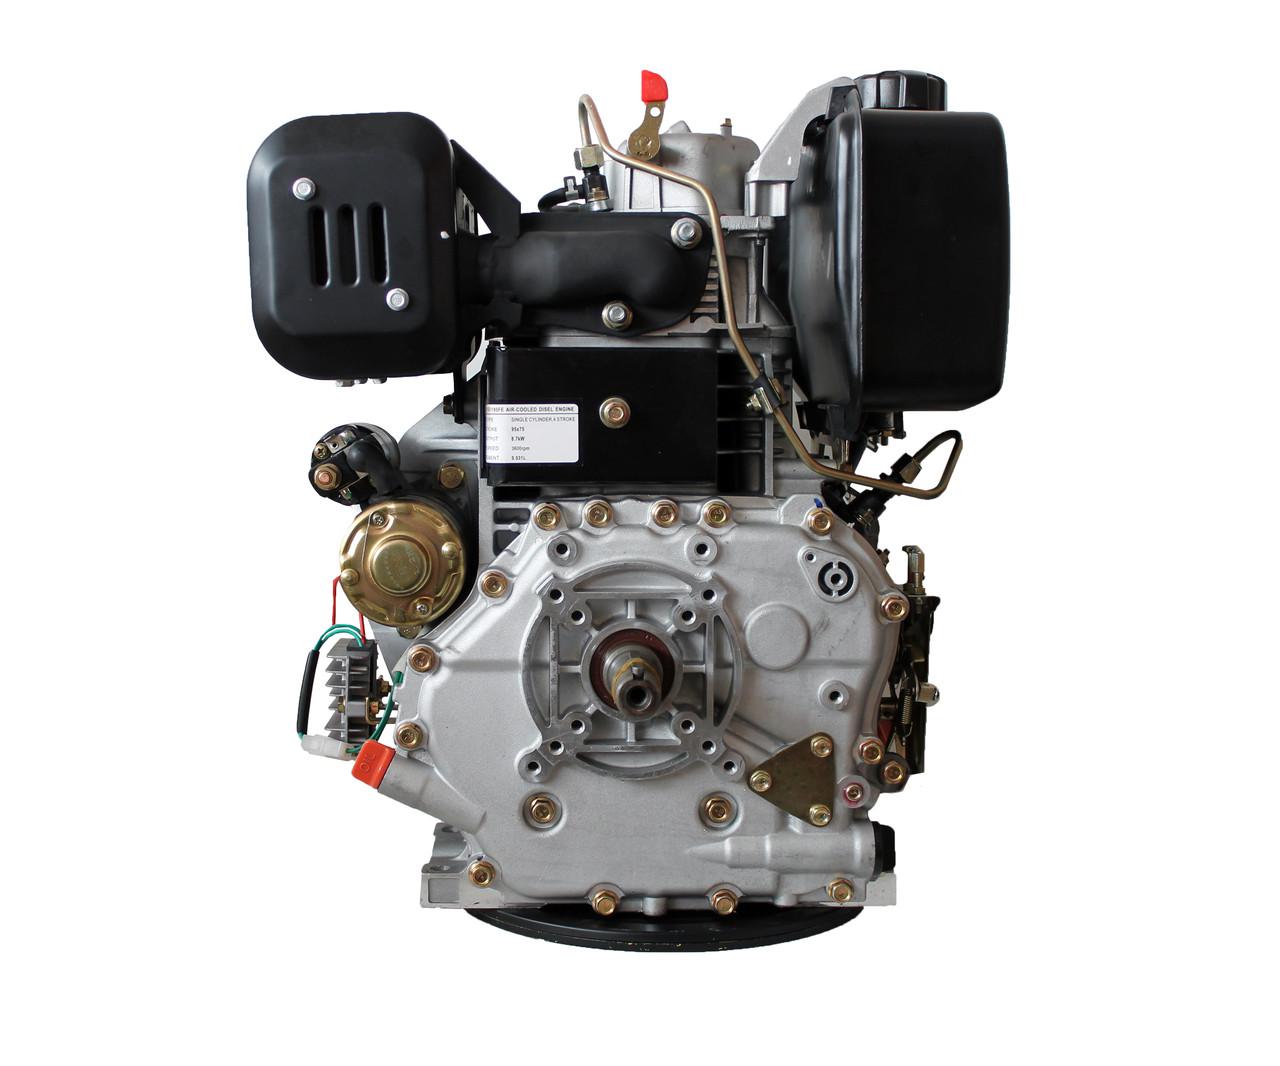 Двигатель Weima WM 195 FE 531cc, дизельный, 15 л.с., шпонка 25 мм НОВИНКА!!!